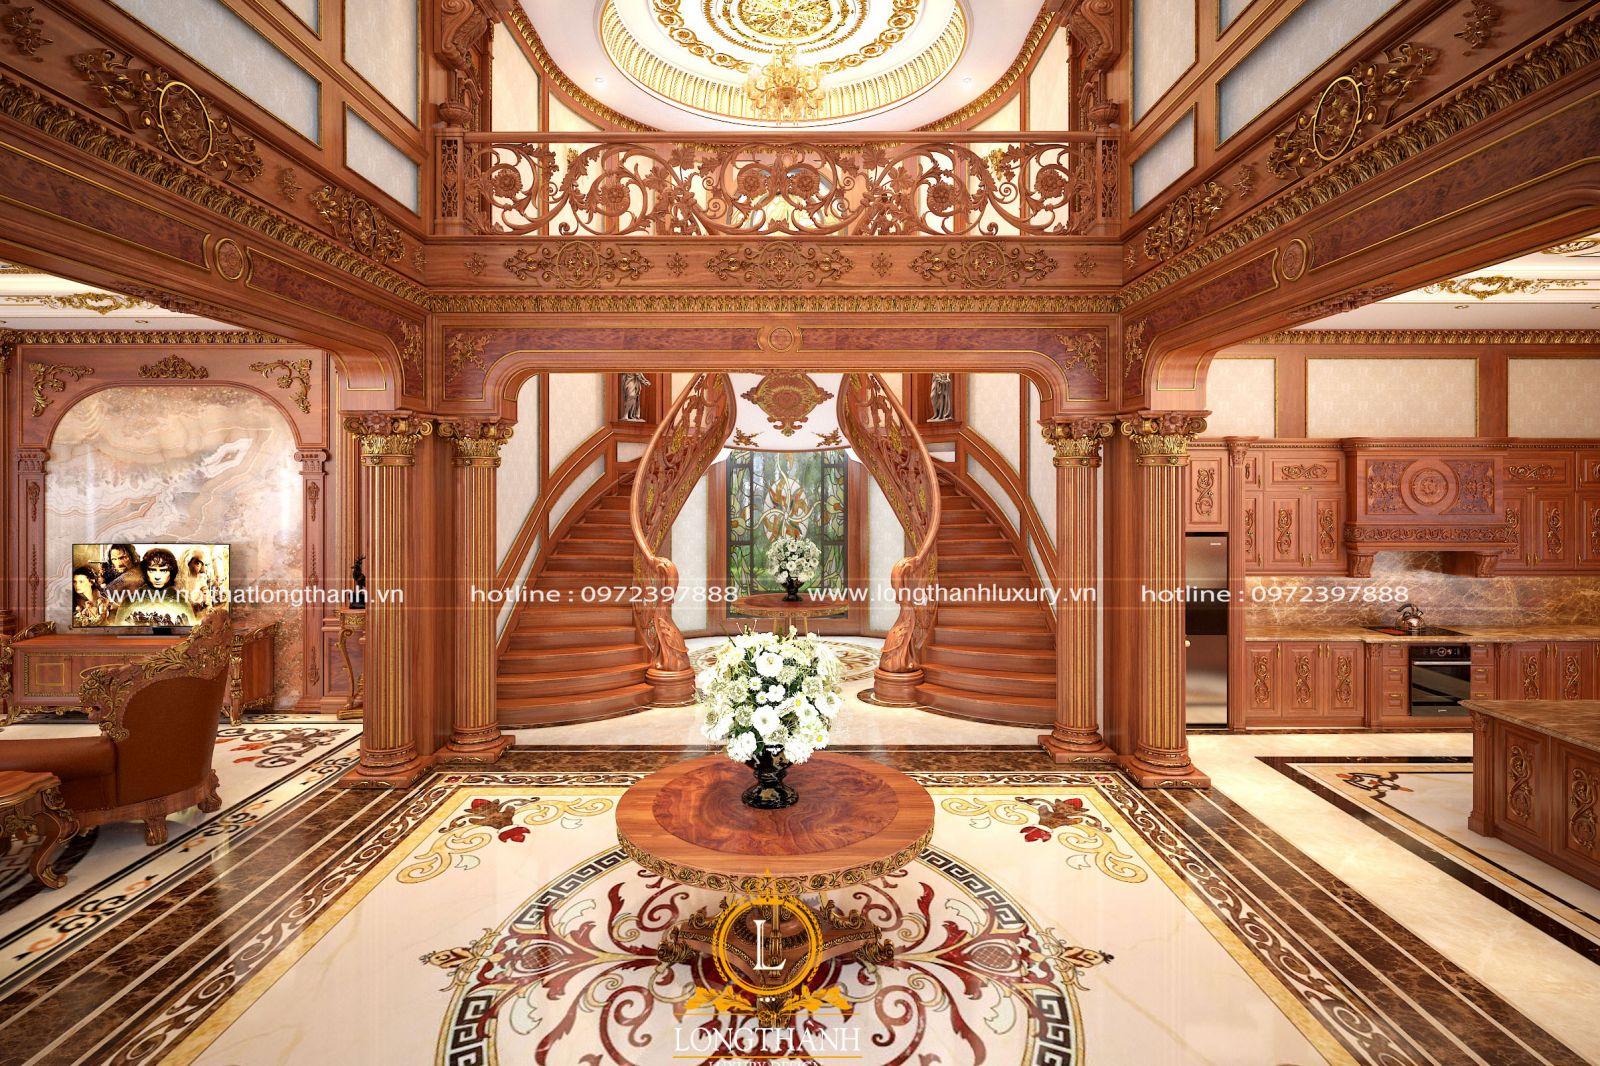 Thiết kế nội thất biệt thự chú trọng sử dụng vật liệu cao cấp, tự nhiên